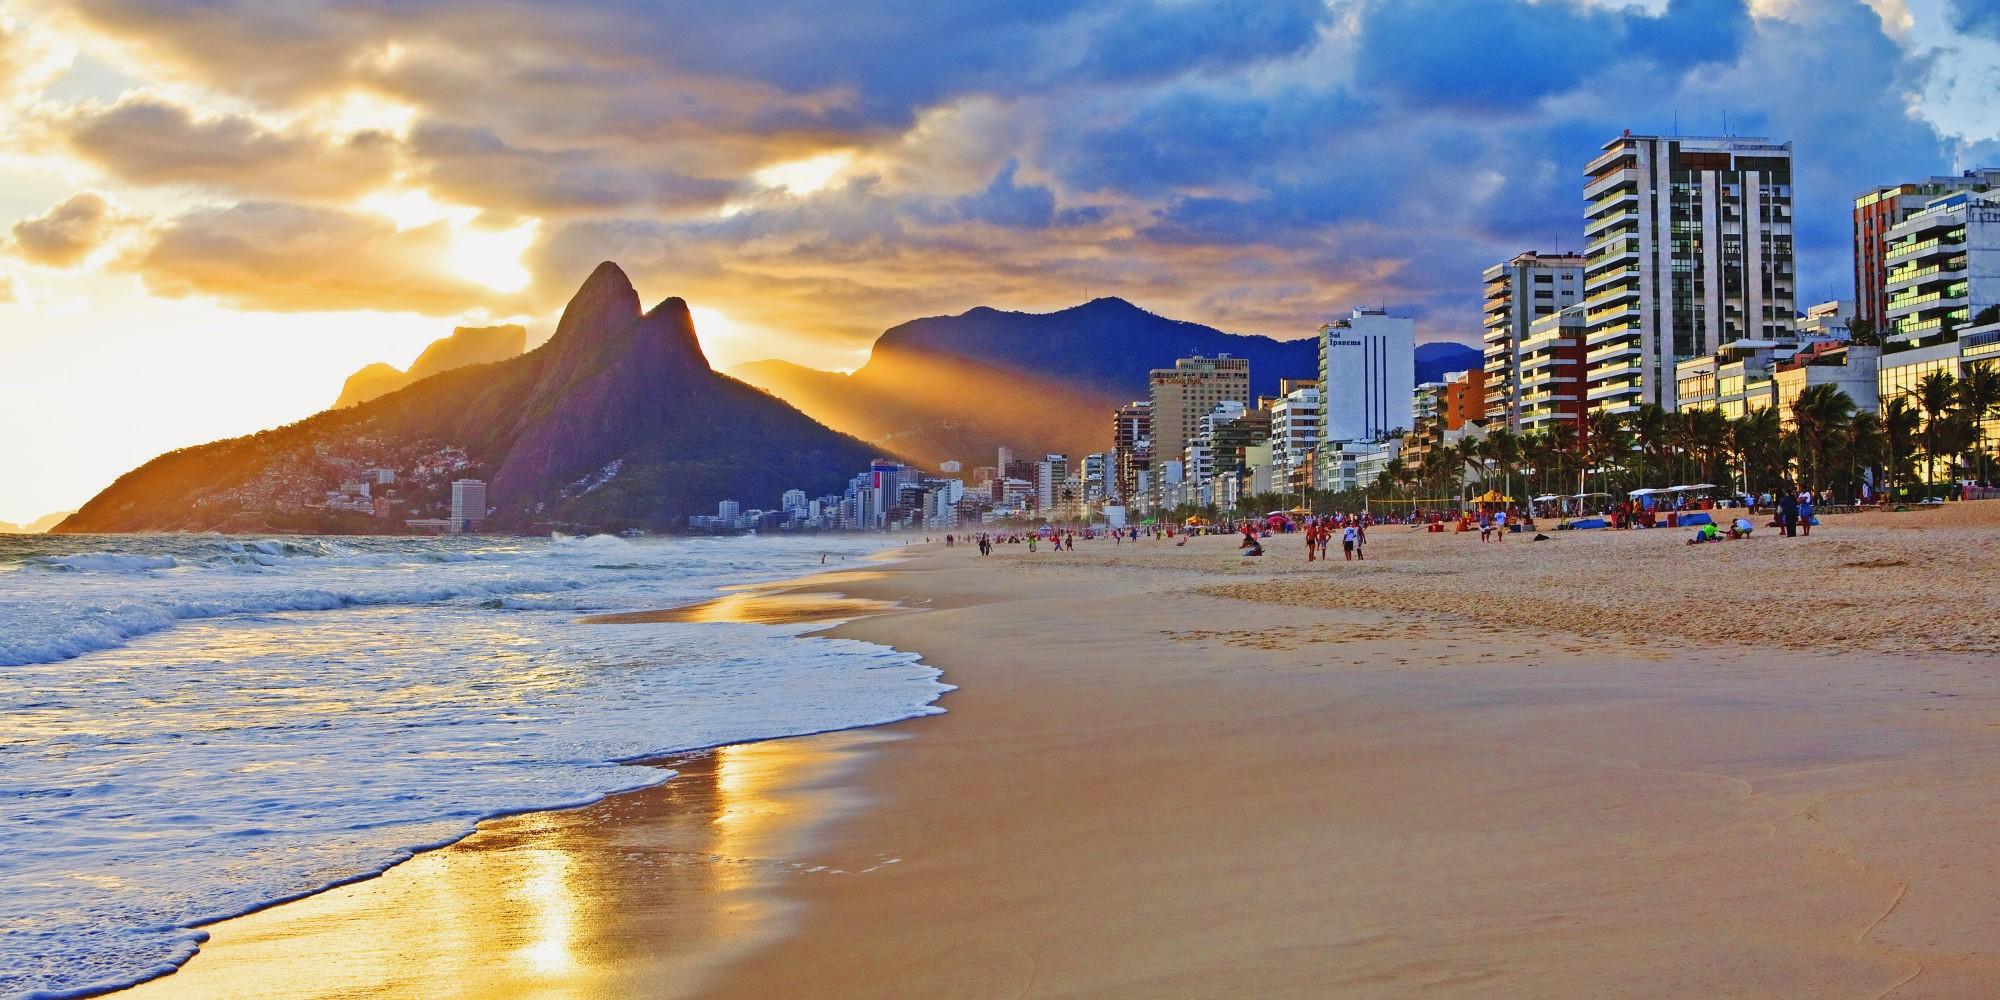 Rio De Janeiro Wallpapers HD Download 2000x1000